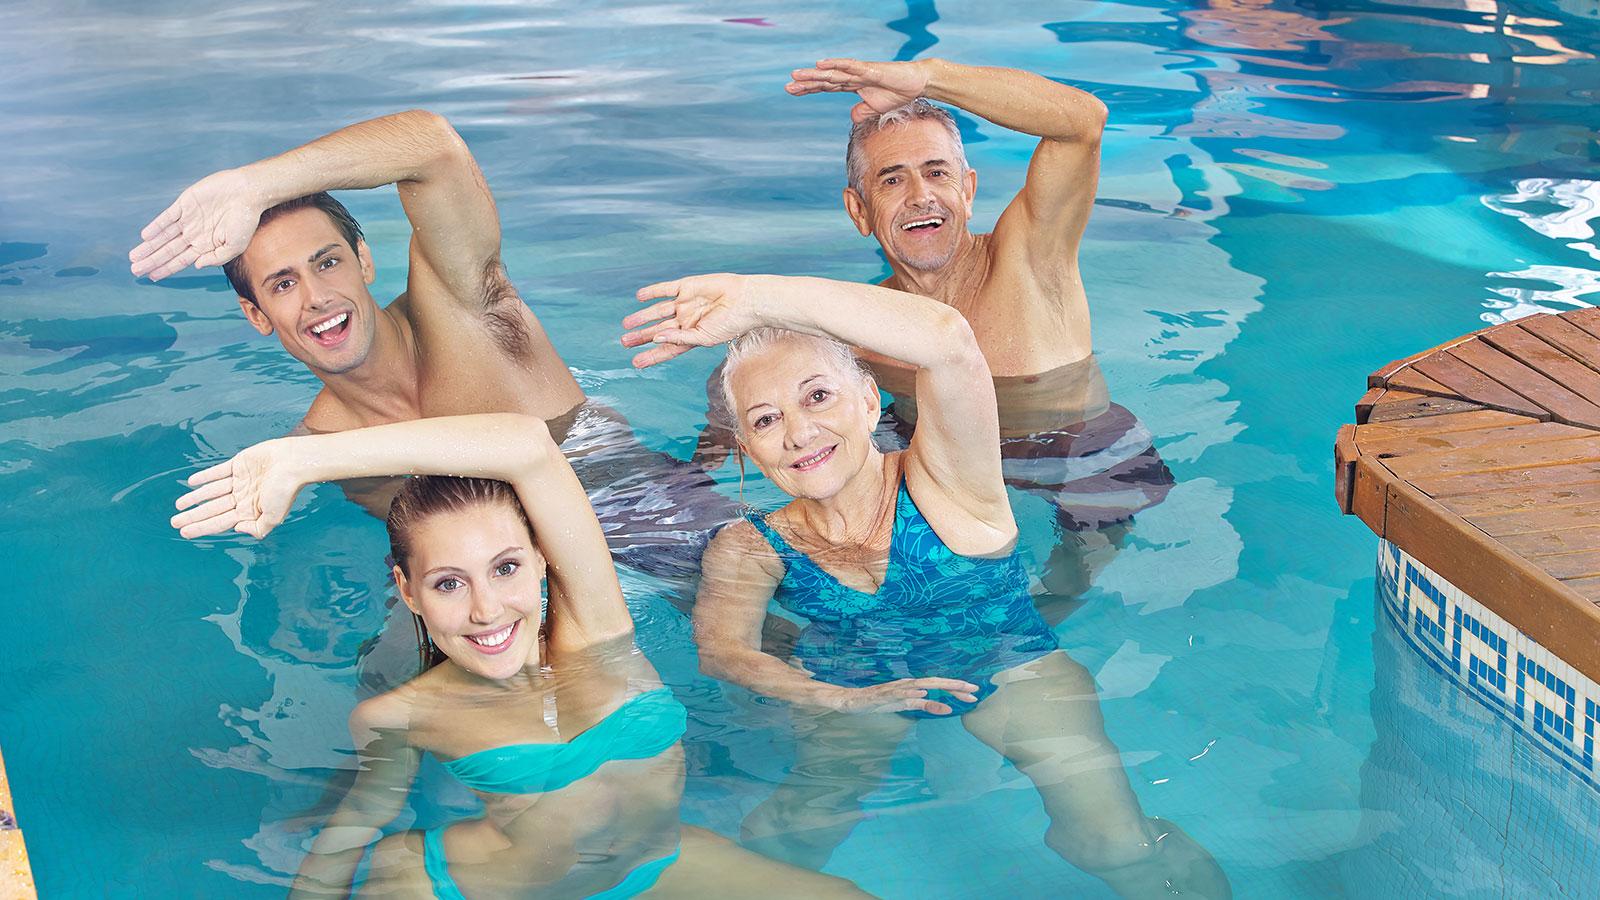 El ejercicio en el agua aumenta la fuerza muscular y reduce las caídas